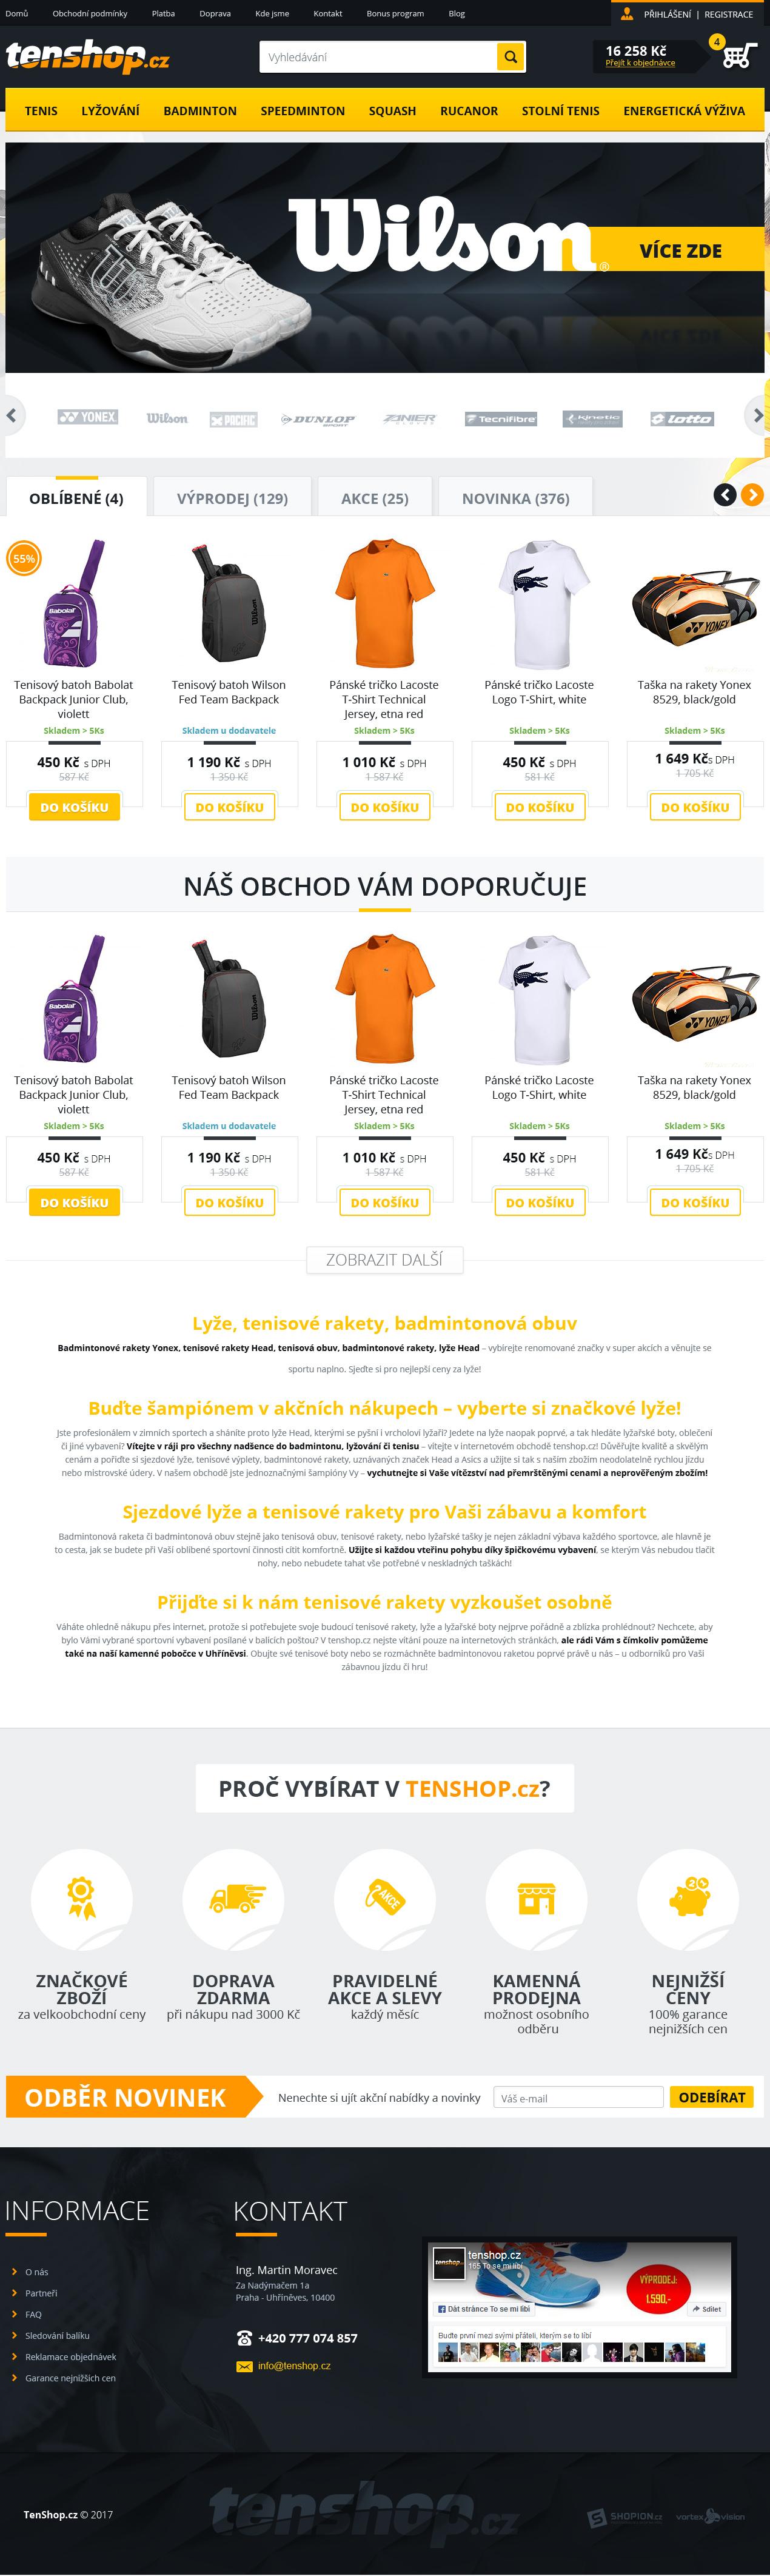 Internetový obchod .tenshop.cz